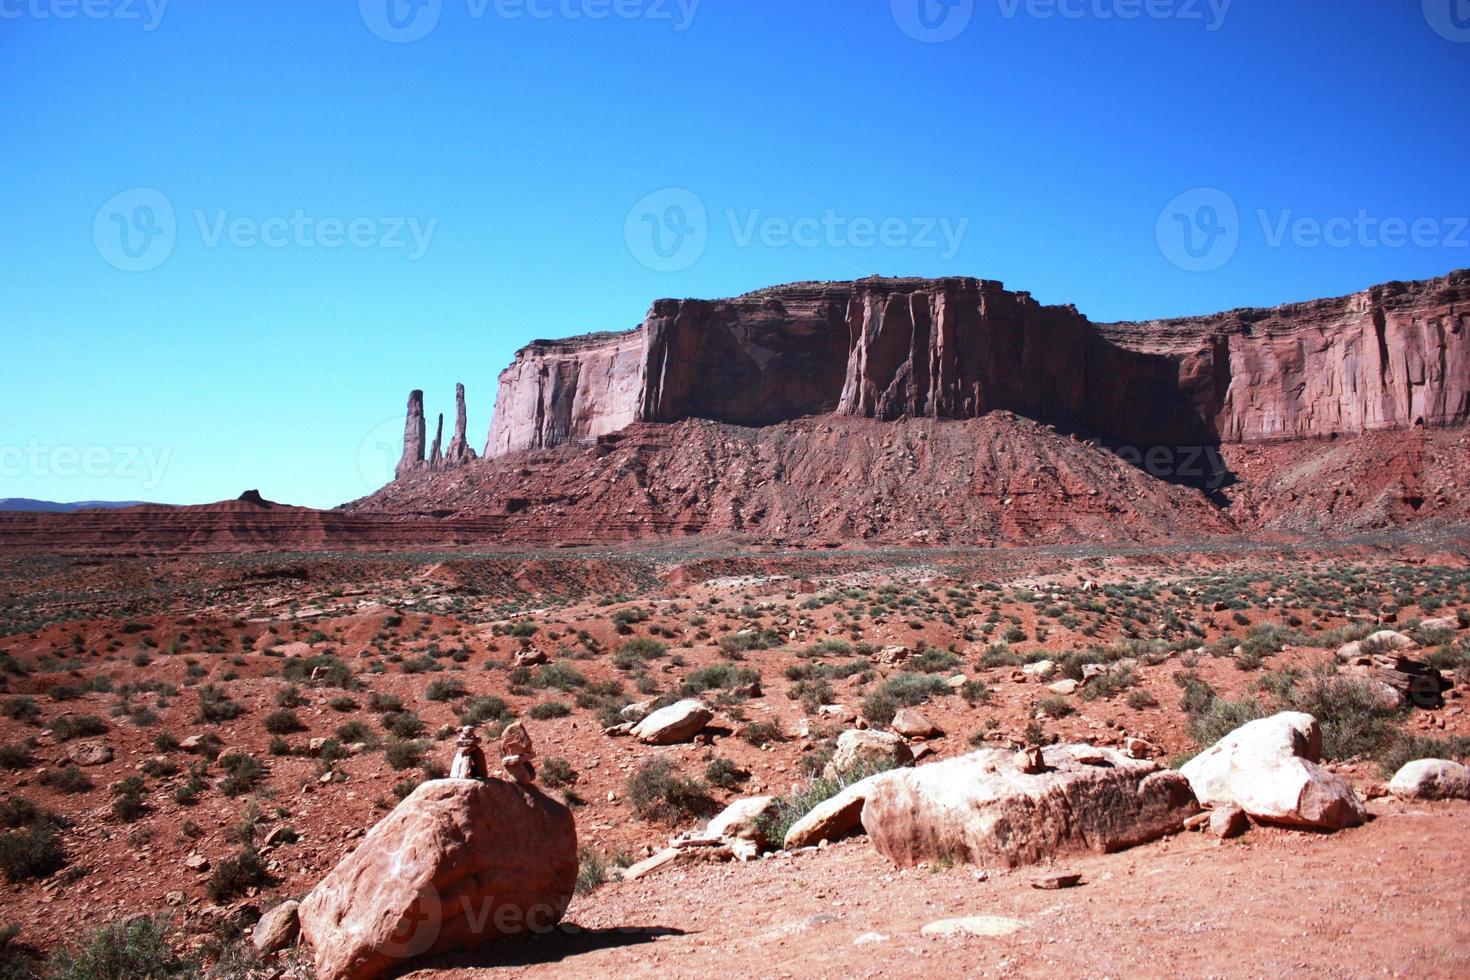 vista di tre sorelle nel parco tribale navajo monument valley foto